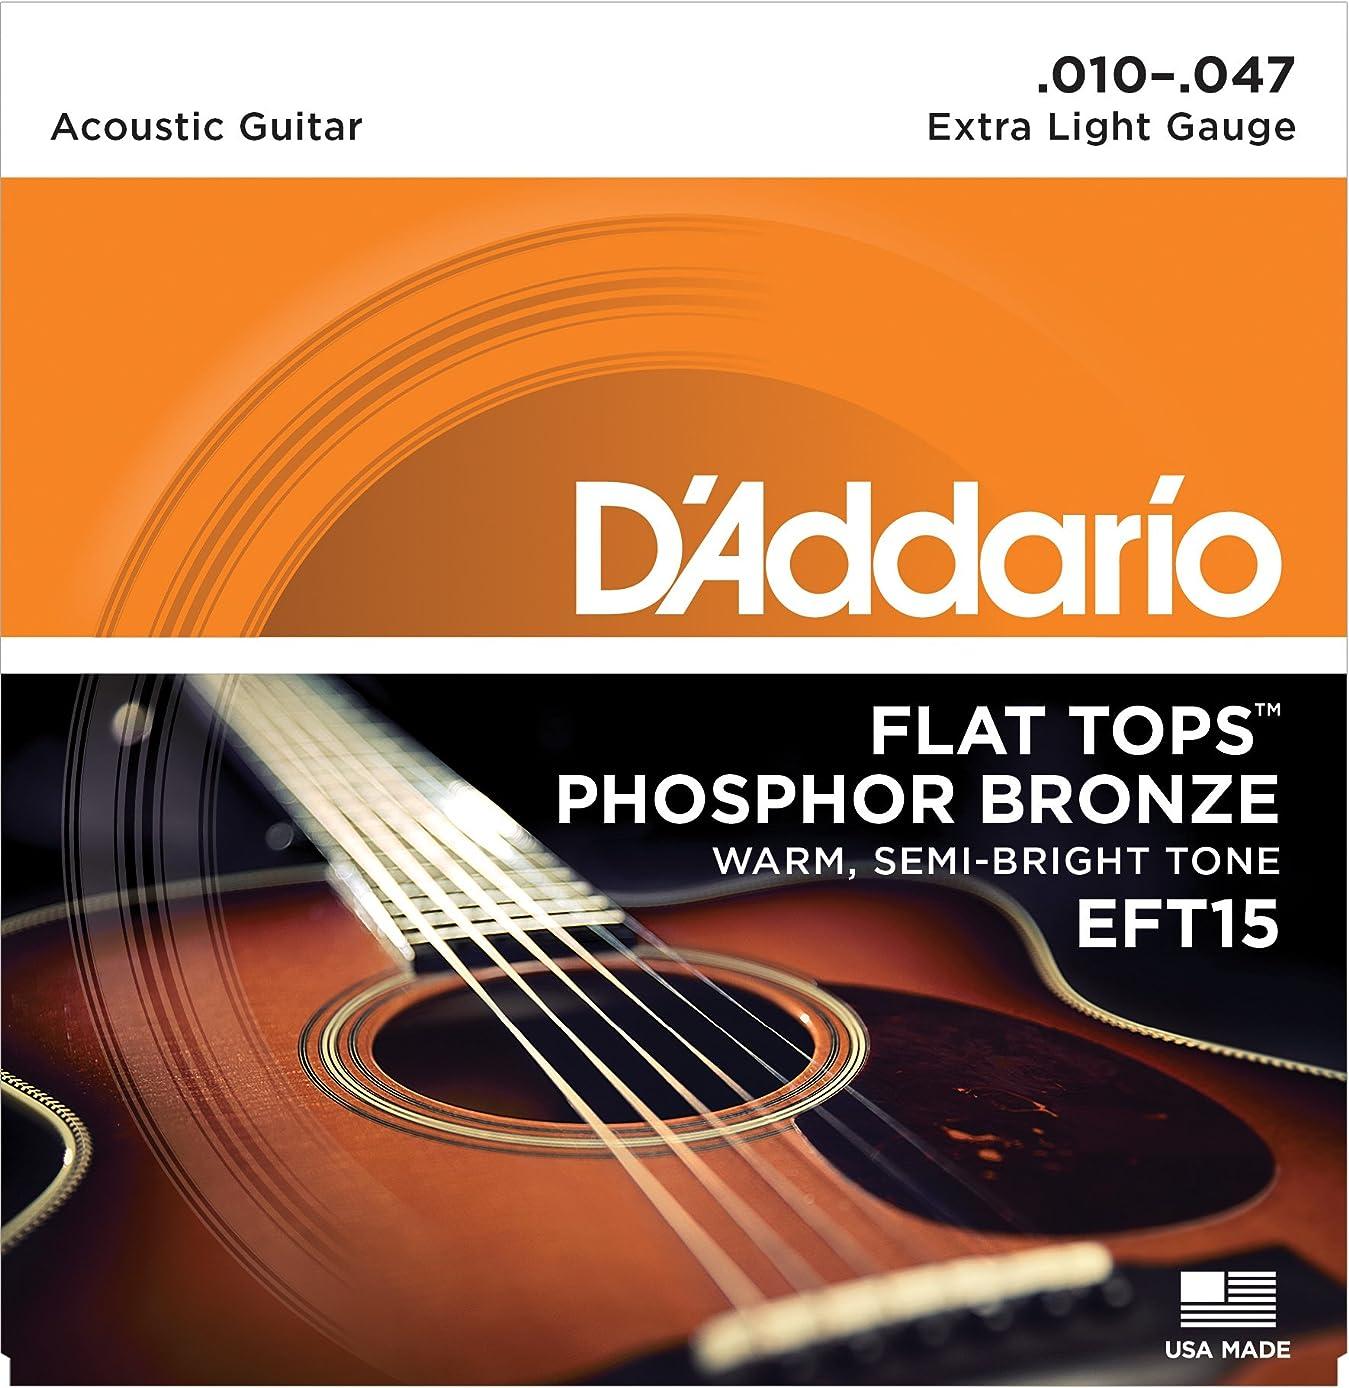 自己尊重ストローバウンスD'Addario ダダリオ アコースティックギター弦 Flat Tops フォスファーブロンズ Extra Light .010-.047 EFT15 【国内正規品】